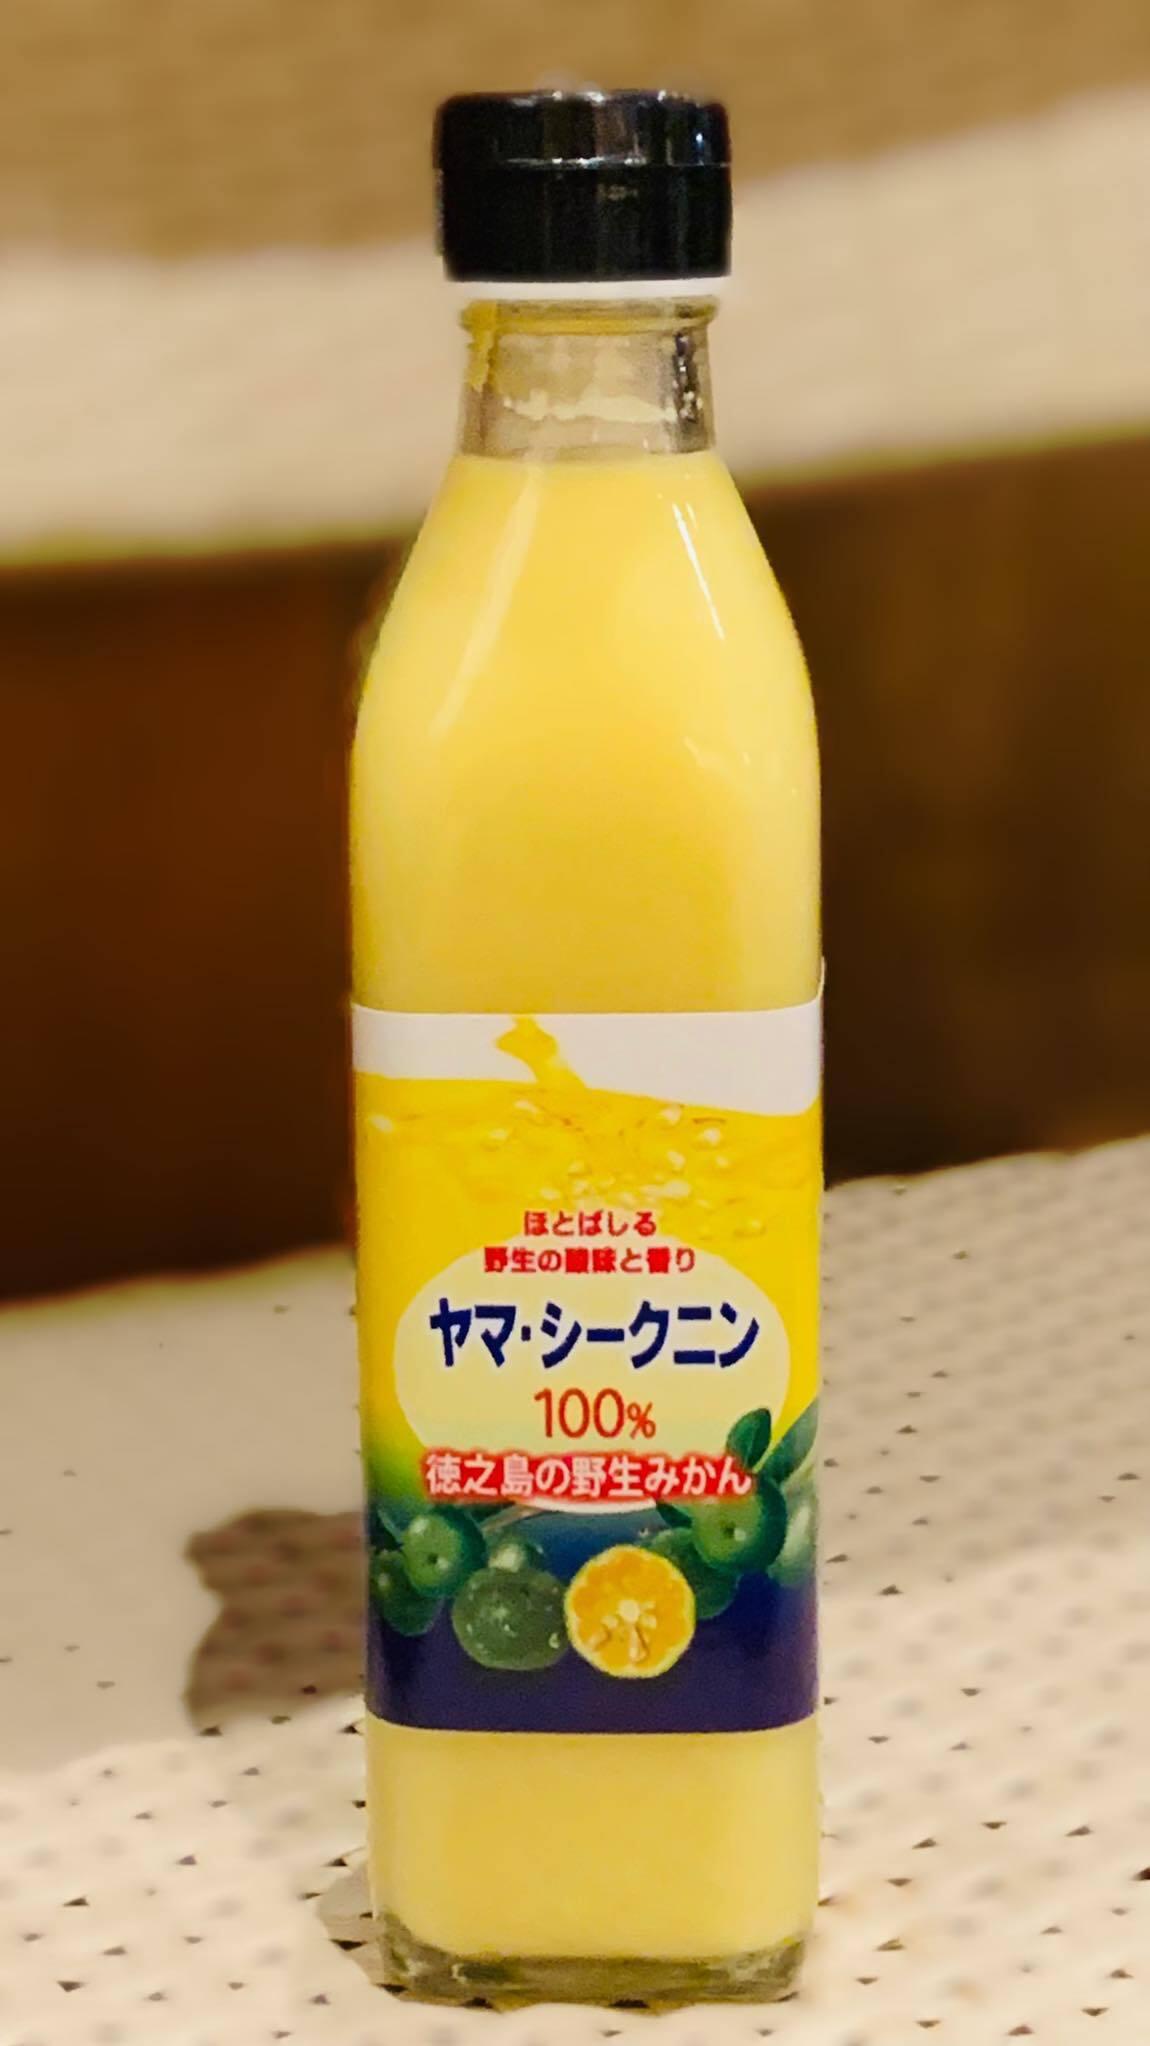 樹齢100年の果実 長寿の島 徳之島の秘宝 「野生の島みかん・シークニン」100%生果汁 300ml入 瓶タイプ